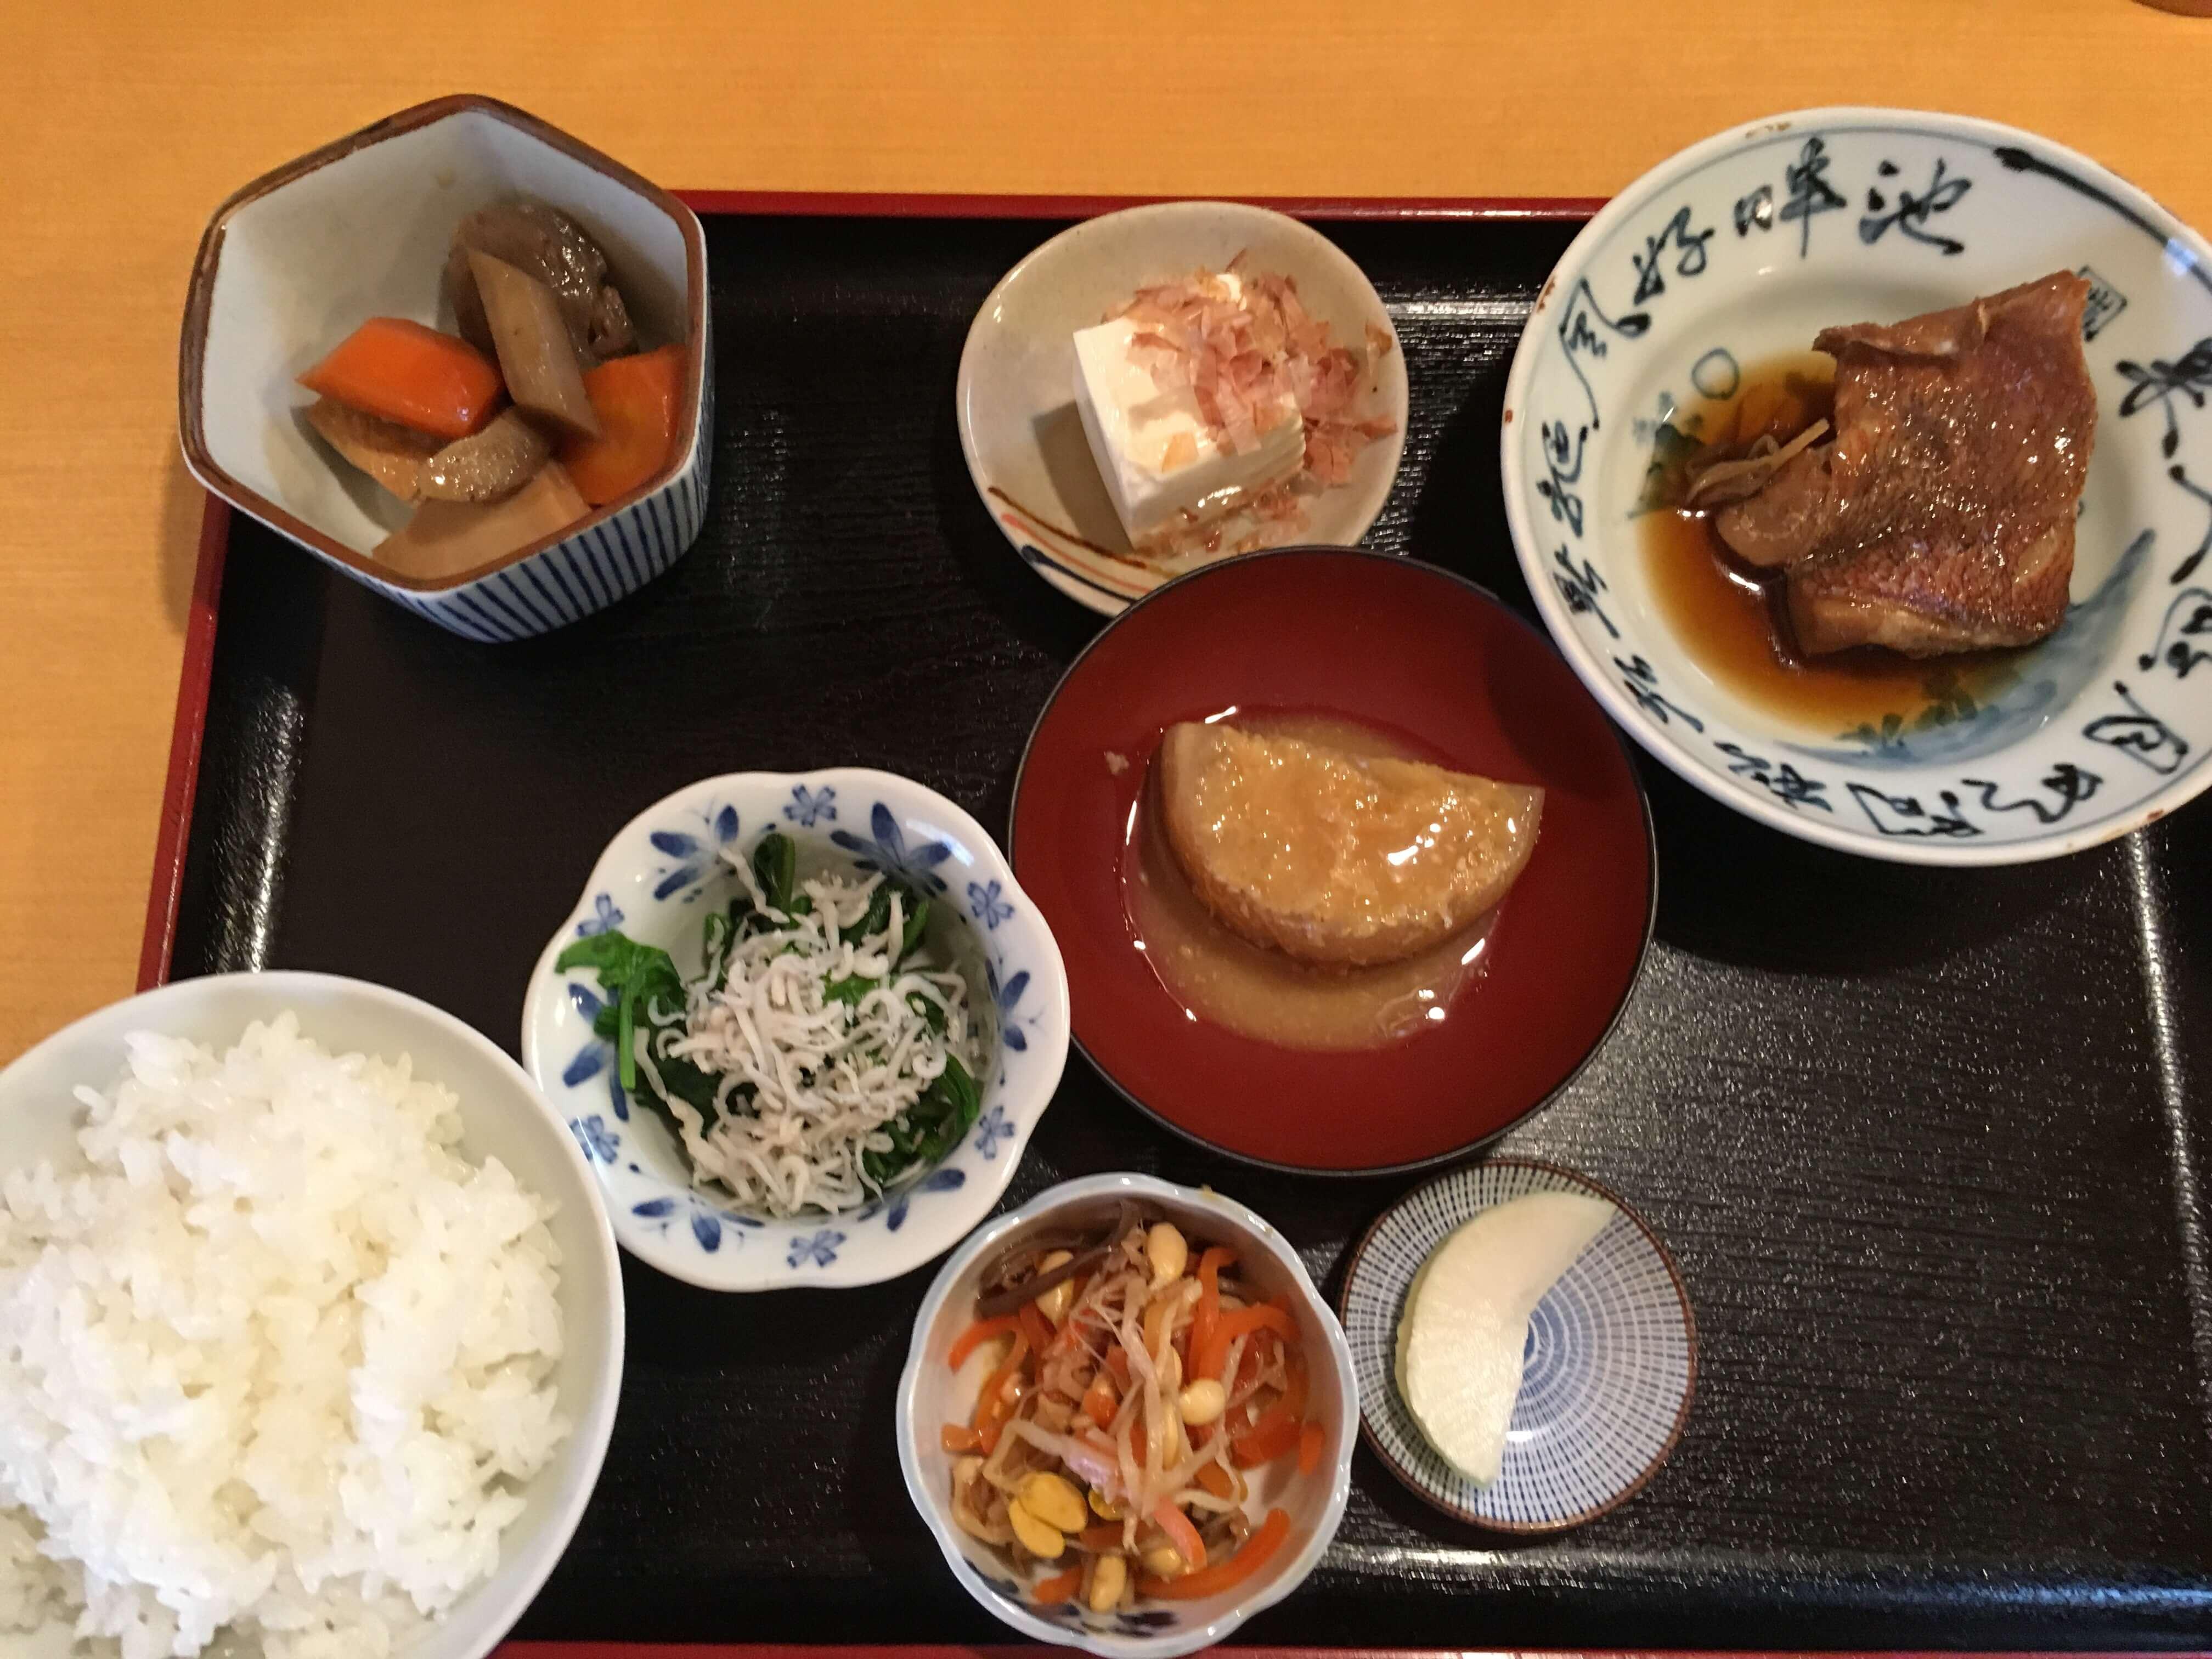 「ごはん家」米泉町で見つけた家庭的なほっこりランチが食べられるお店